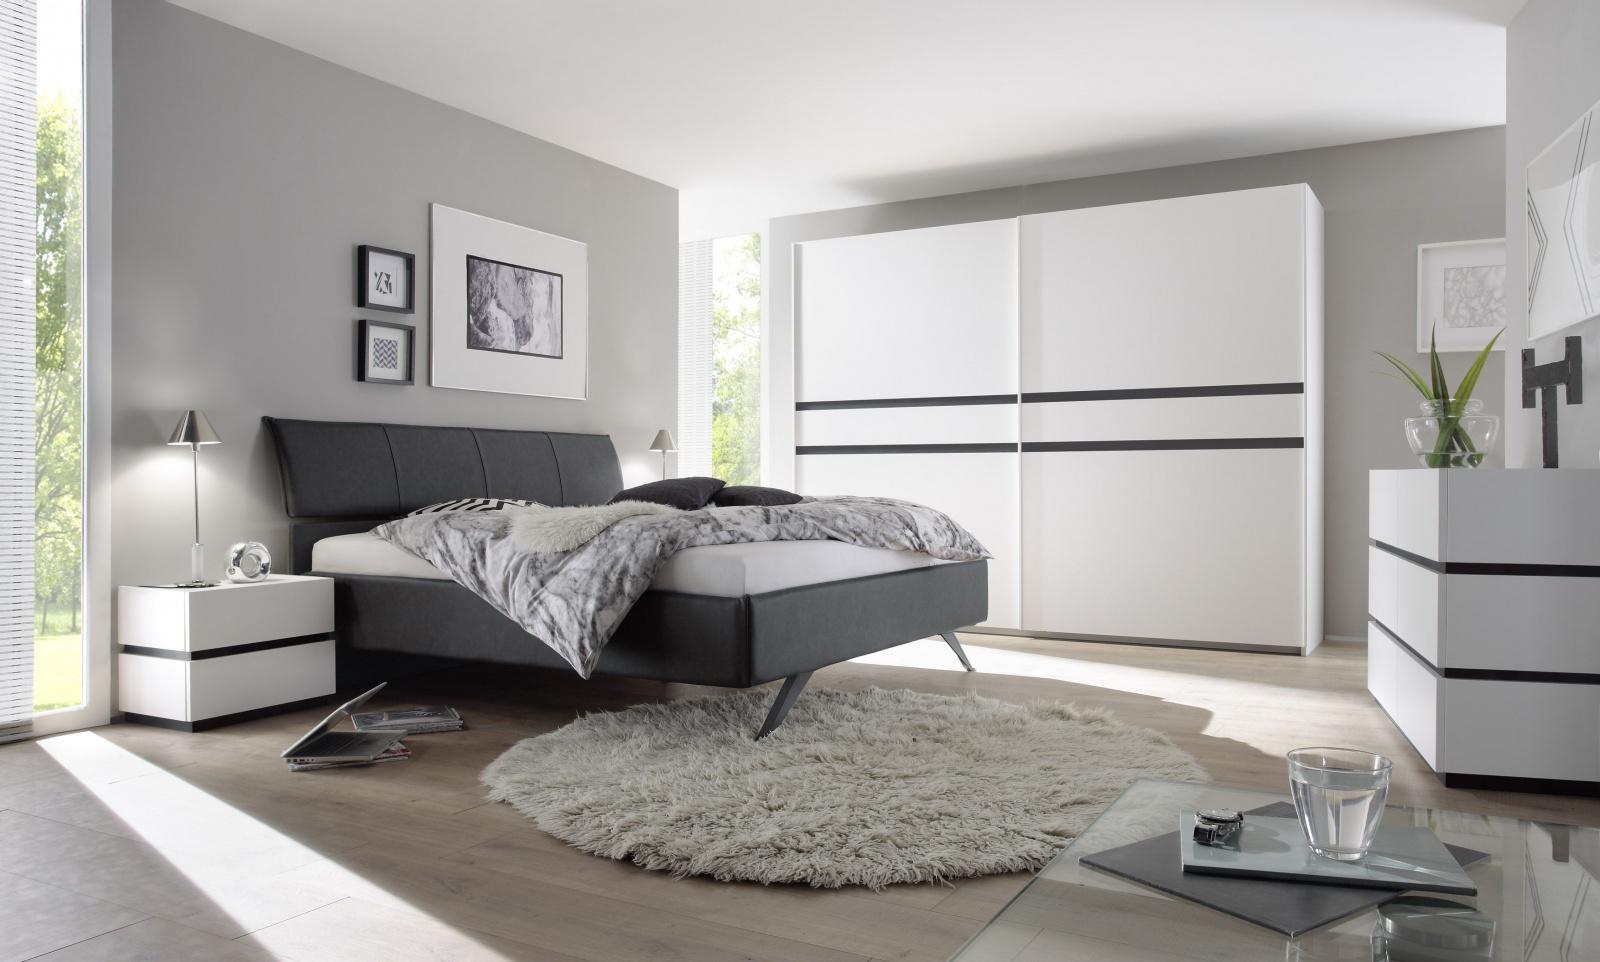 Universe Schlafzimmer-Set Weiß mit Anthrazit Matt - Kaufen bei Möbel-Lux